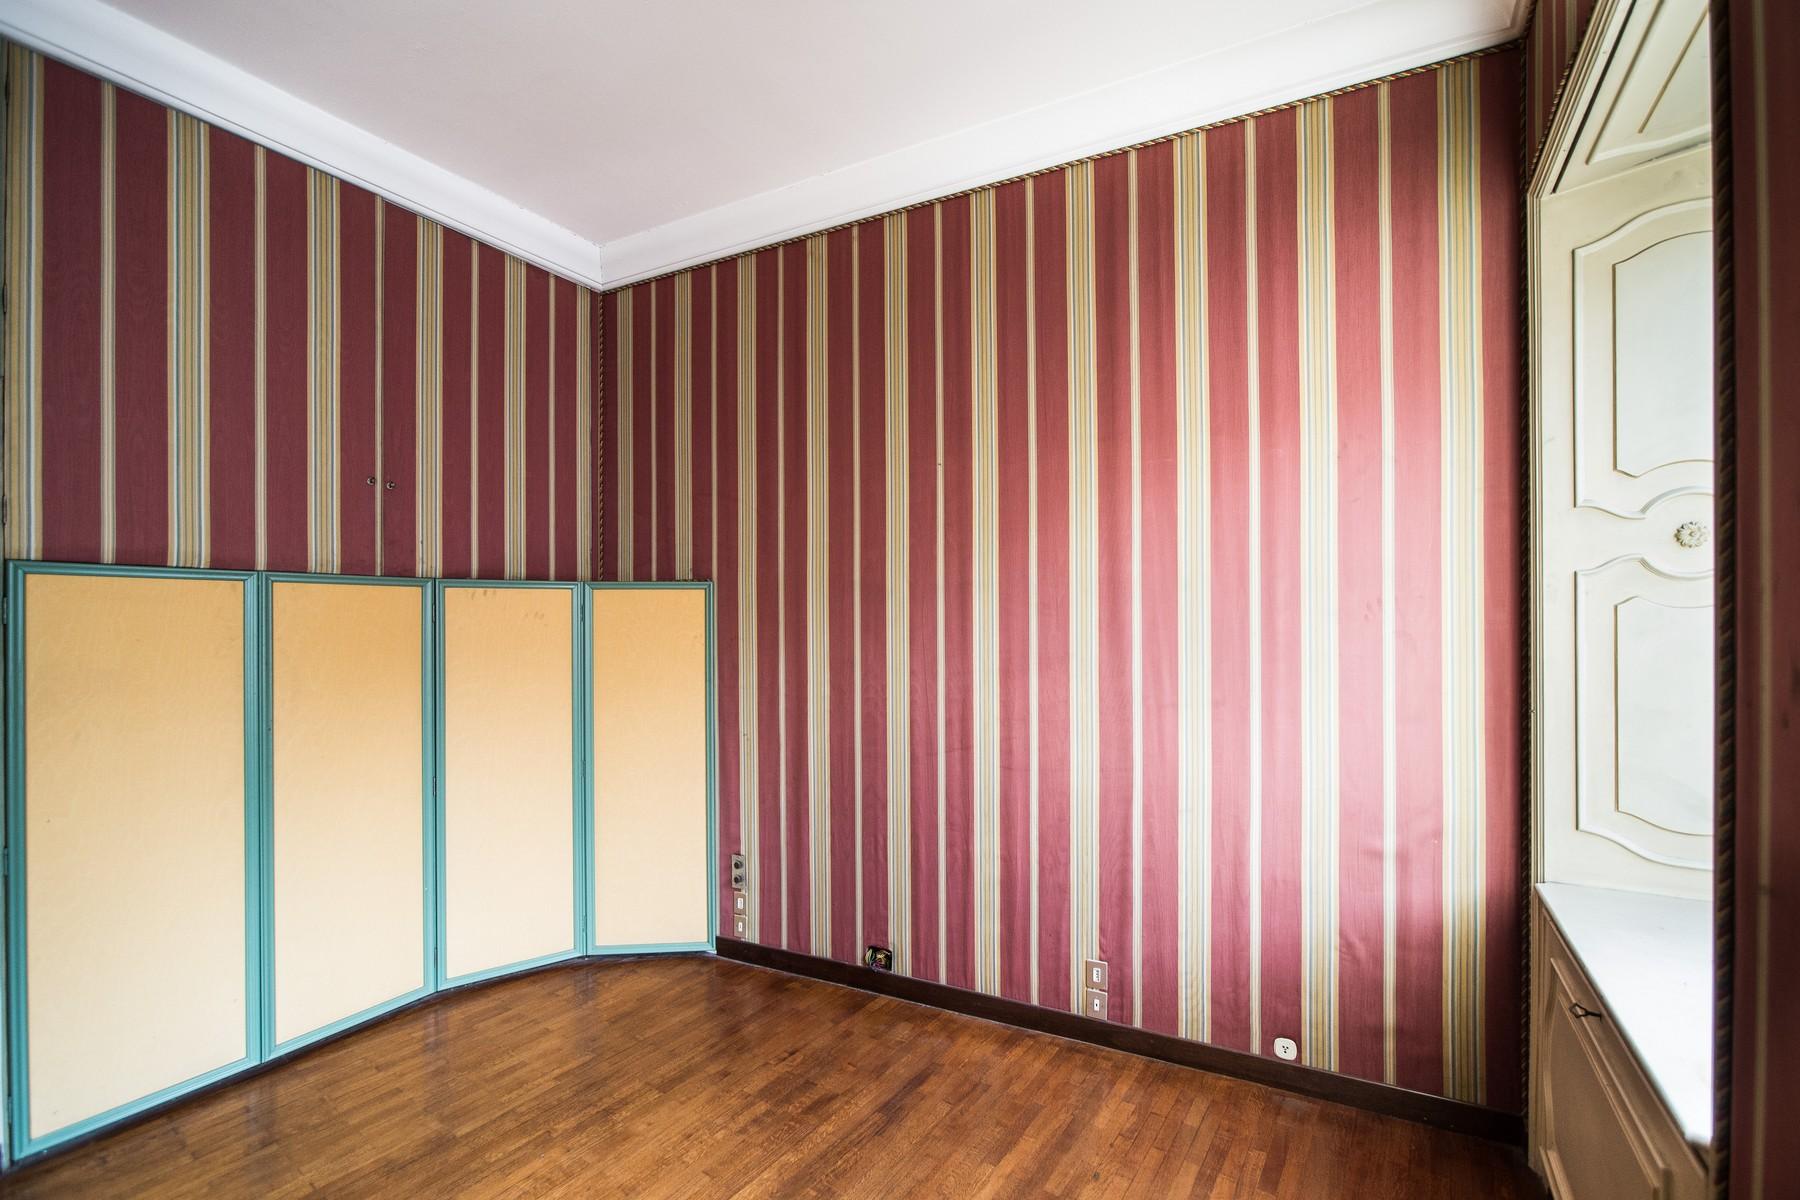 Ufficio-studio in Affitto a Milano: 3 locali, 235 mq - Foto 9